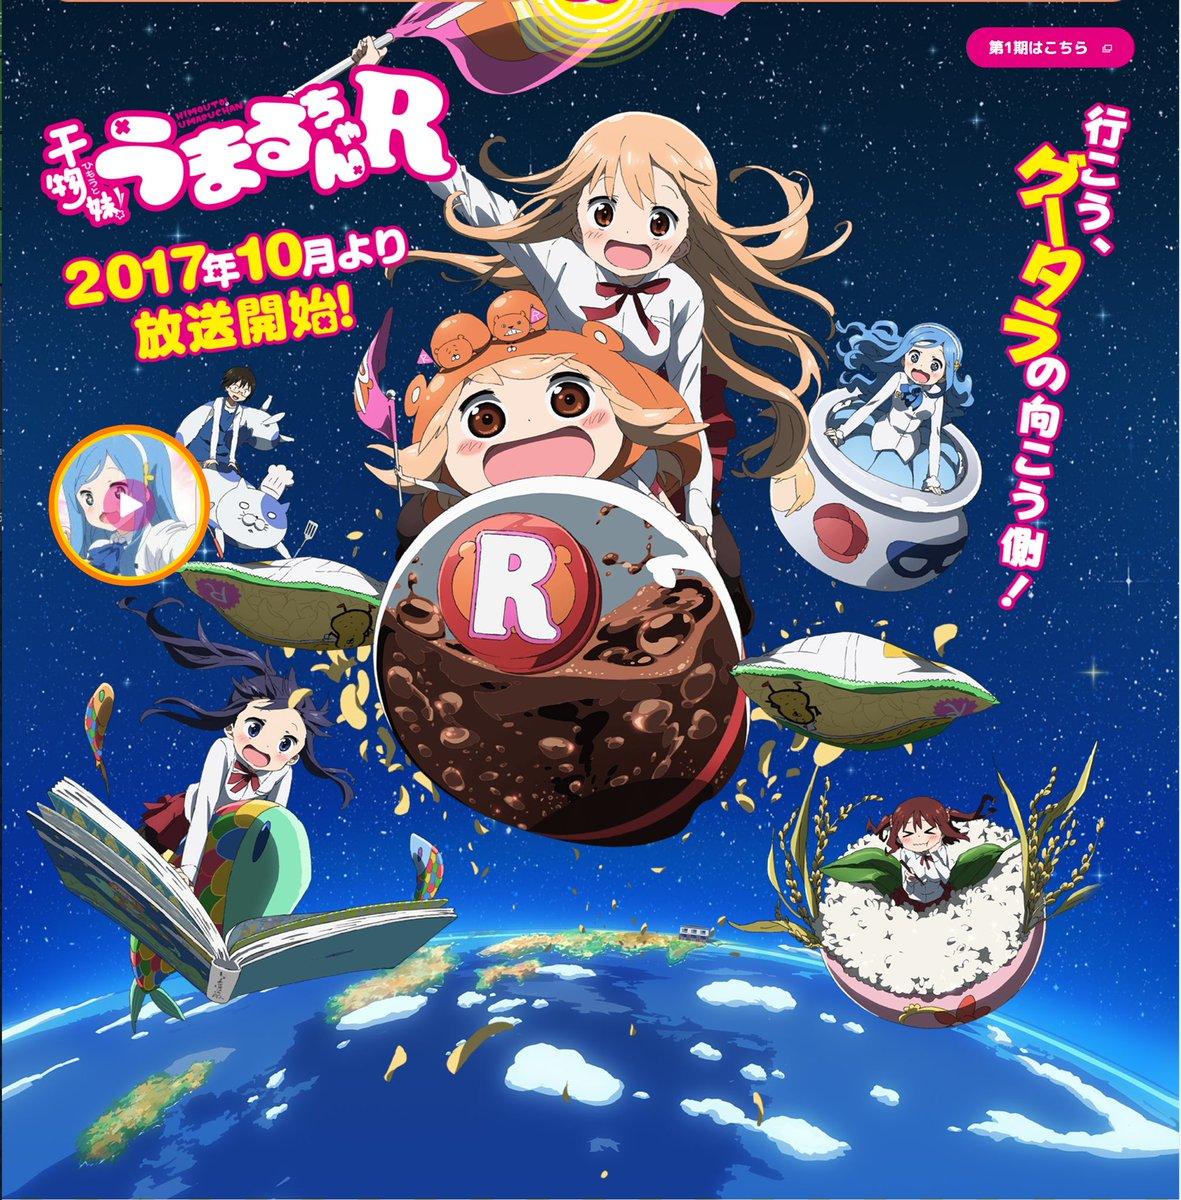 ◆告知10月から放送TVアニメ「干物妹!うまるちゃんR」のOPテーマ楽曲、「にめんせい☆ウラオモテライフ!」の作詞・作曲